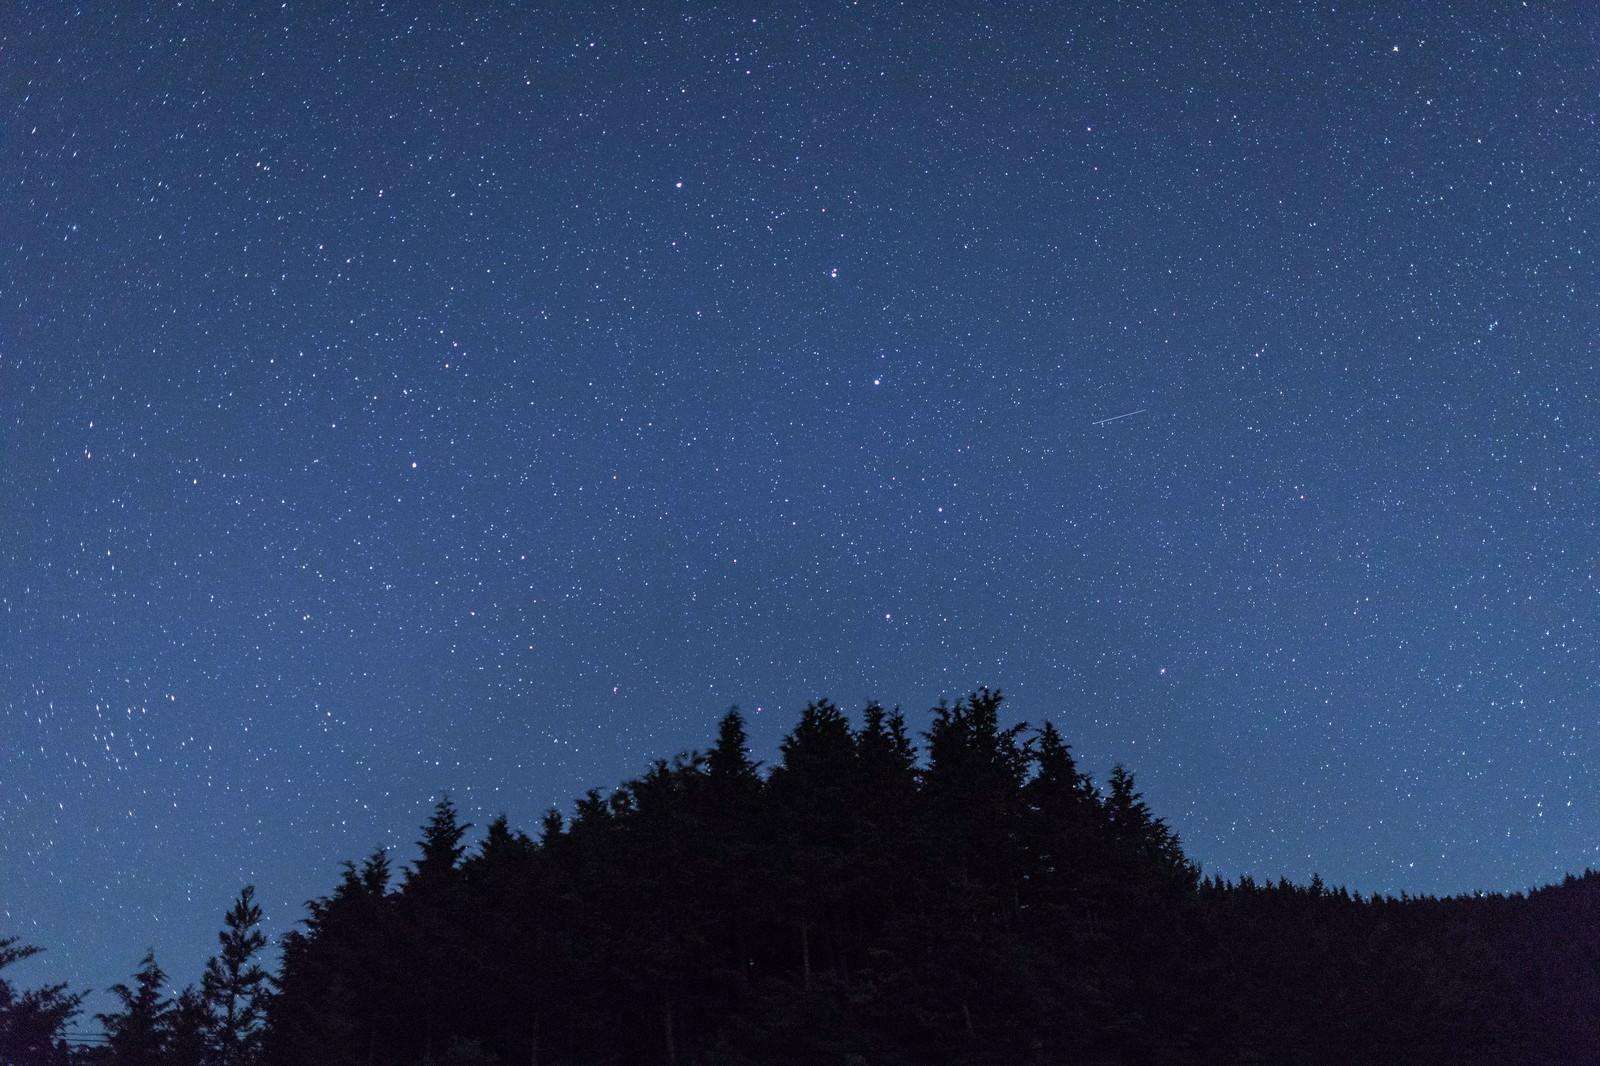 「鏡野町笠菅峠からの星空と流星鏡野町笠菅峠からの星空と流星」のフリー写真素材を拡大